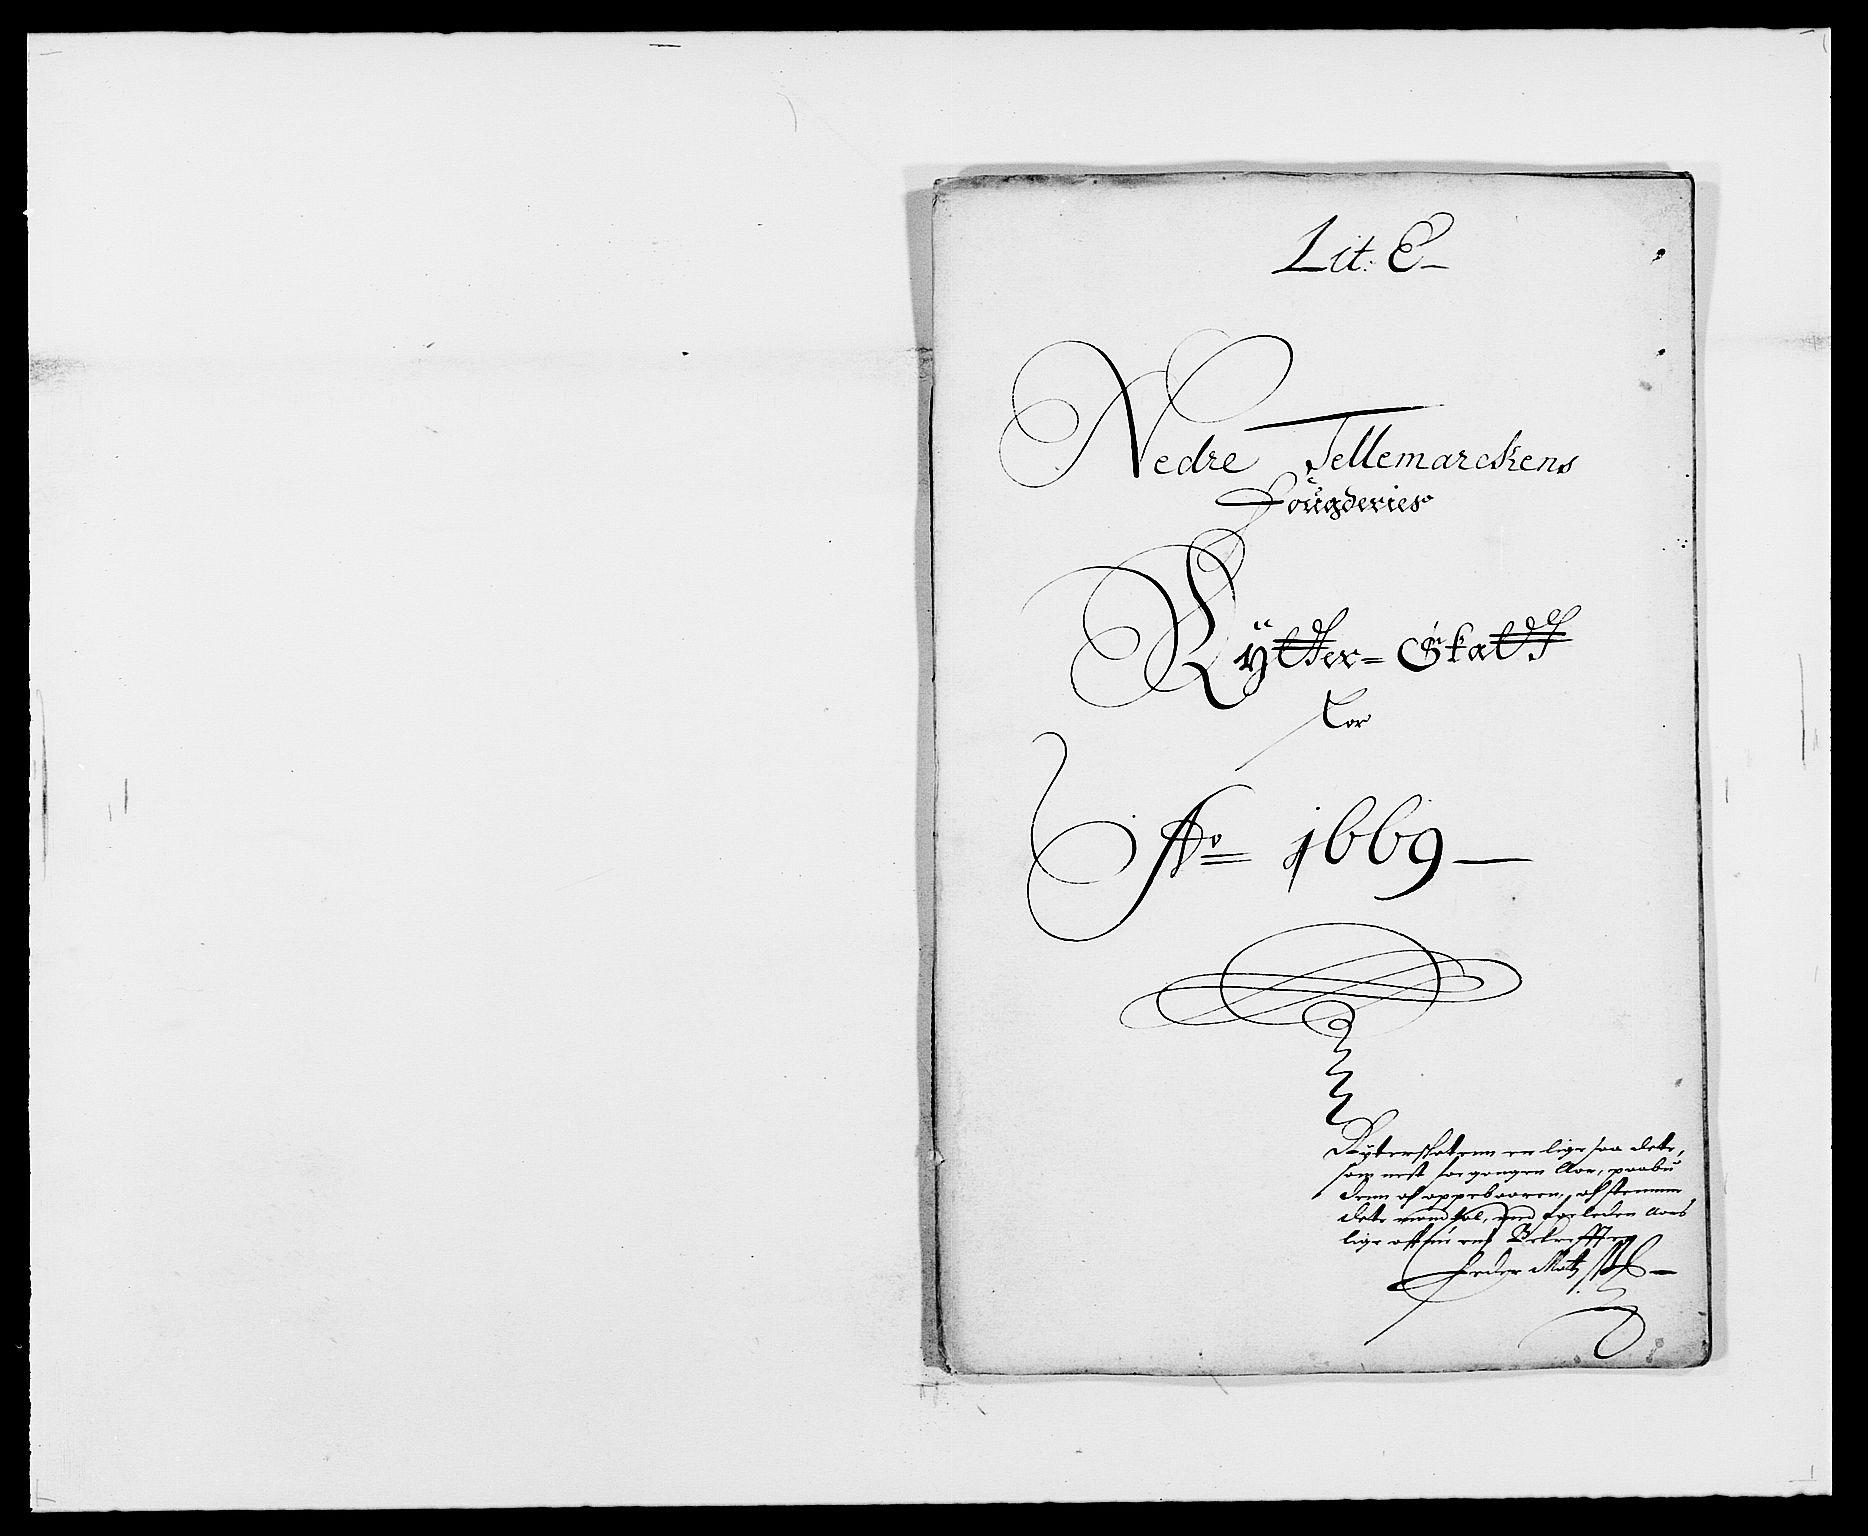 RA, Rentekammeret inntil 1814, Reviderte regnskaper, Fogderegnskap, R35/L2058: Fogderegnskap Øvre og Nedre Telemark, 1668-1670, s. 88